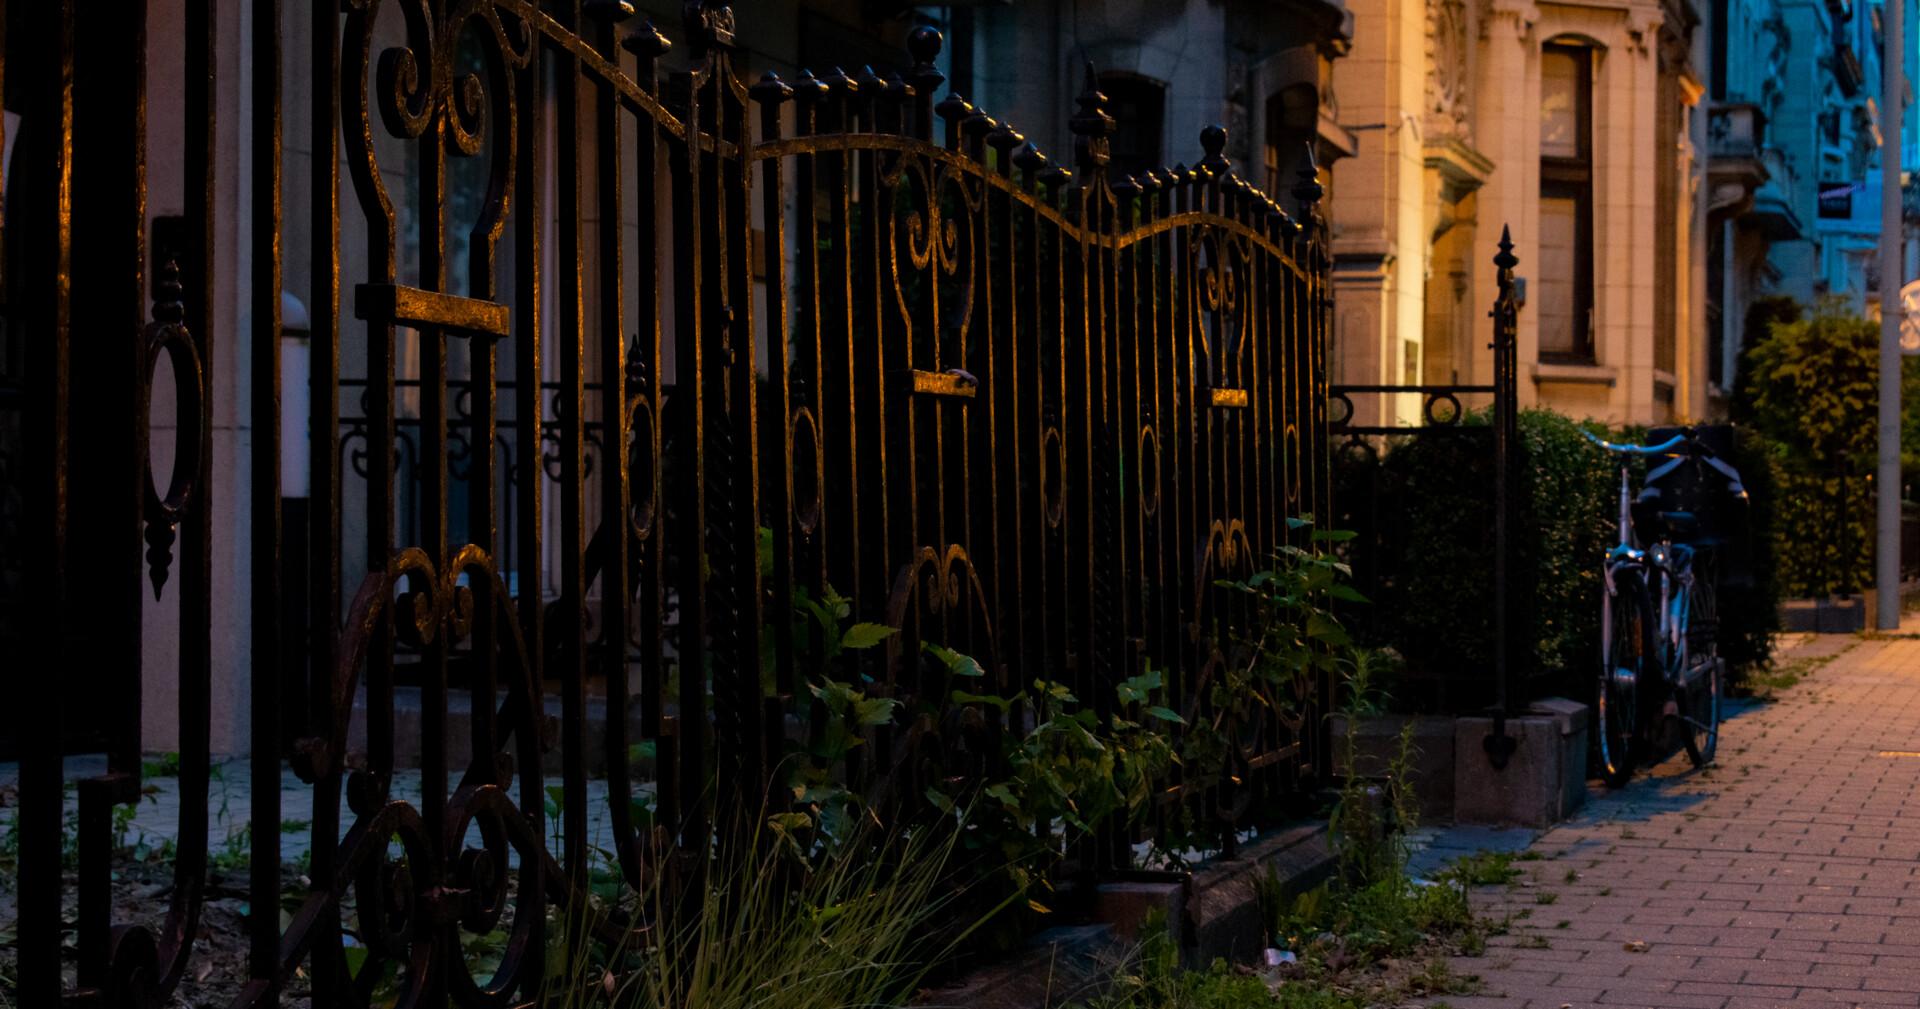 Fence really nice Lighting